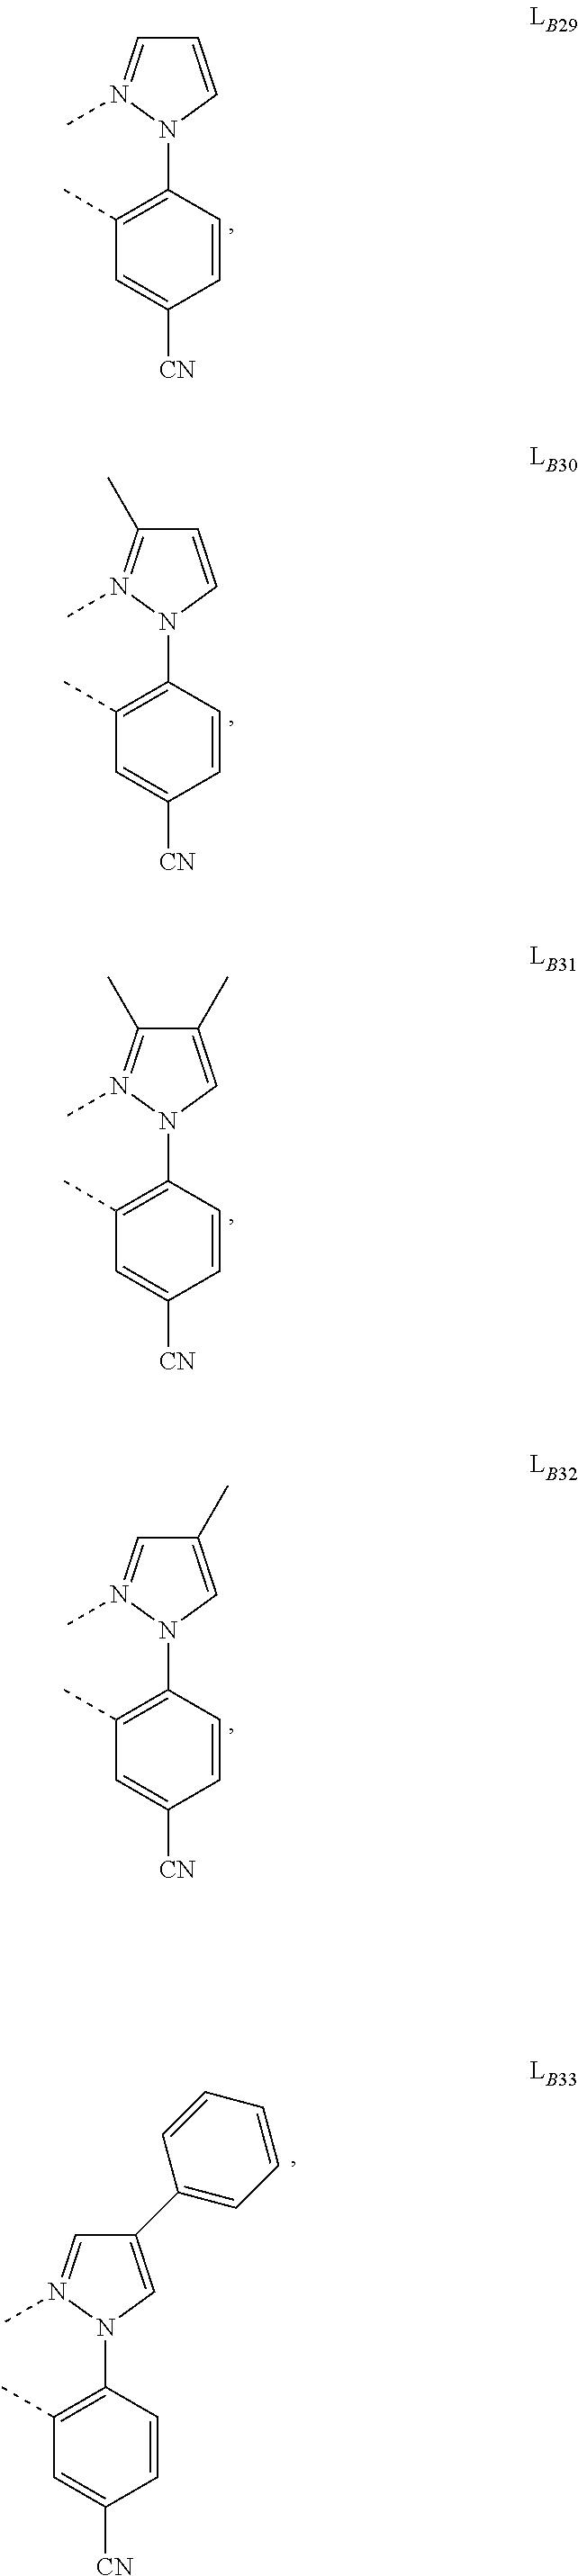 Figure US09905785-20180227-C00109